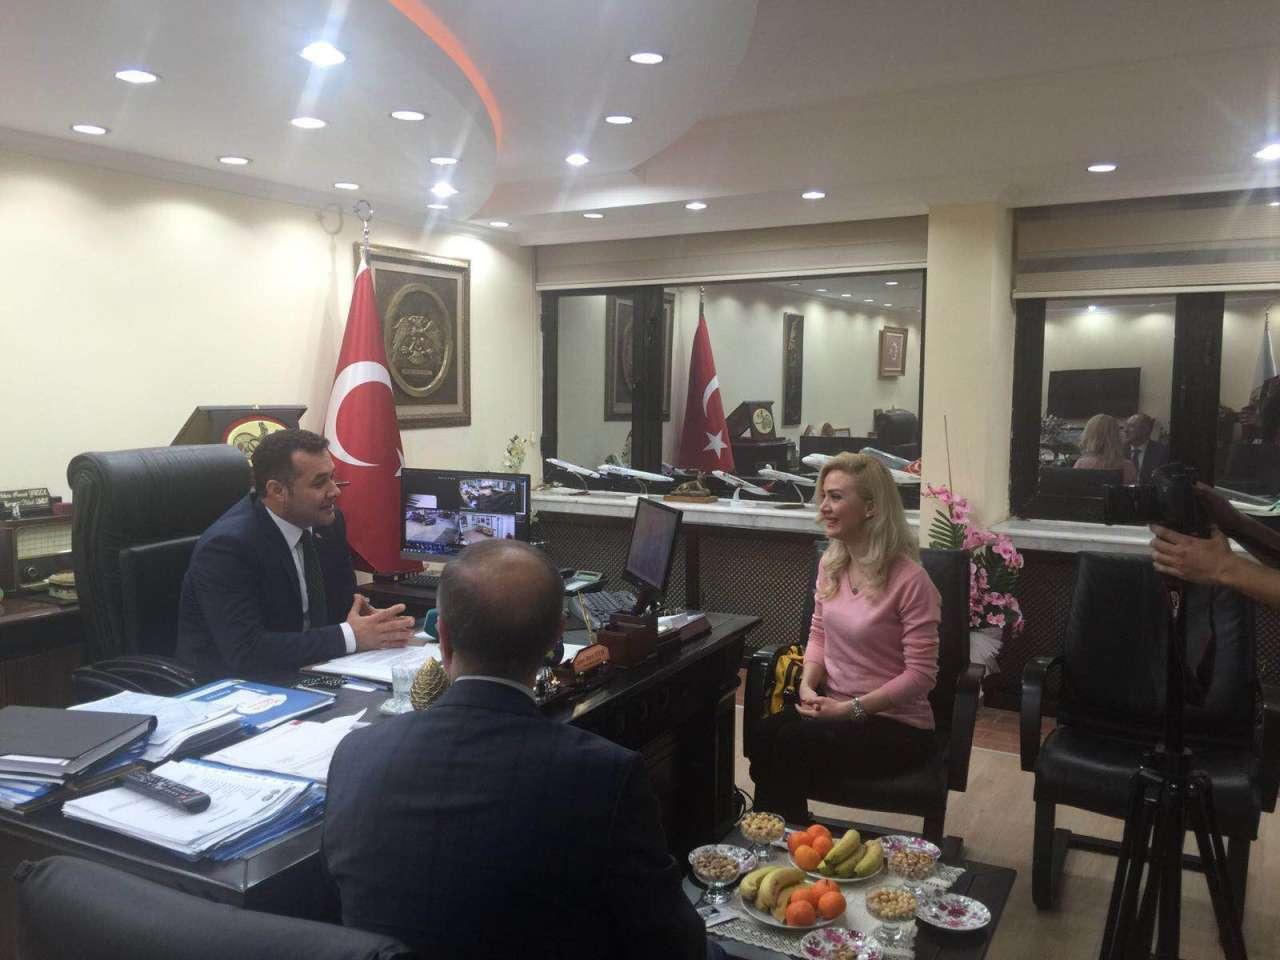 Aparıcı-aktrisa Aysel Nazim Türkiyə səfərindən danışdı (FOTO)